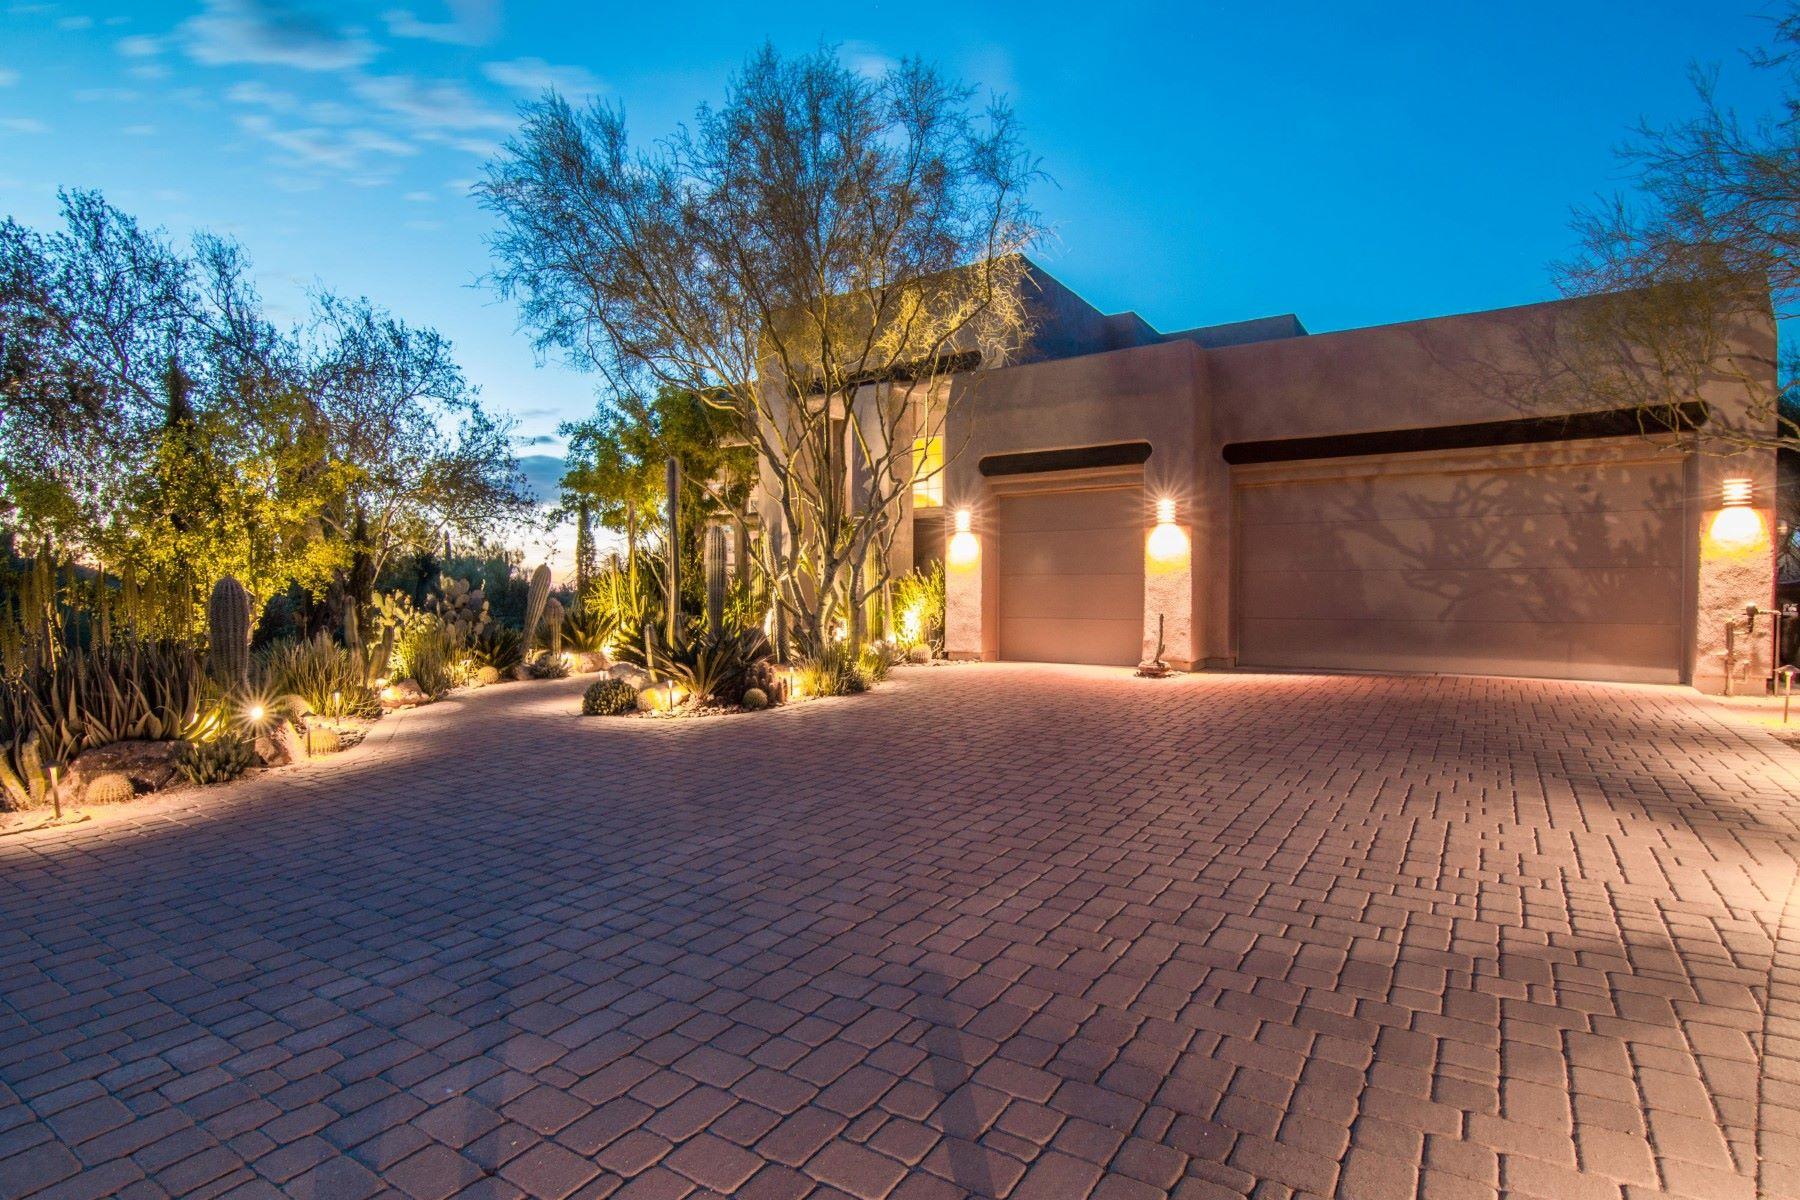 Maison unifamiliale pour l Vente à Renonvated North Scottsdale Desert Beauty 7766 E Jomax Rd Scottsdale, Arizona, 85266 États-Unis